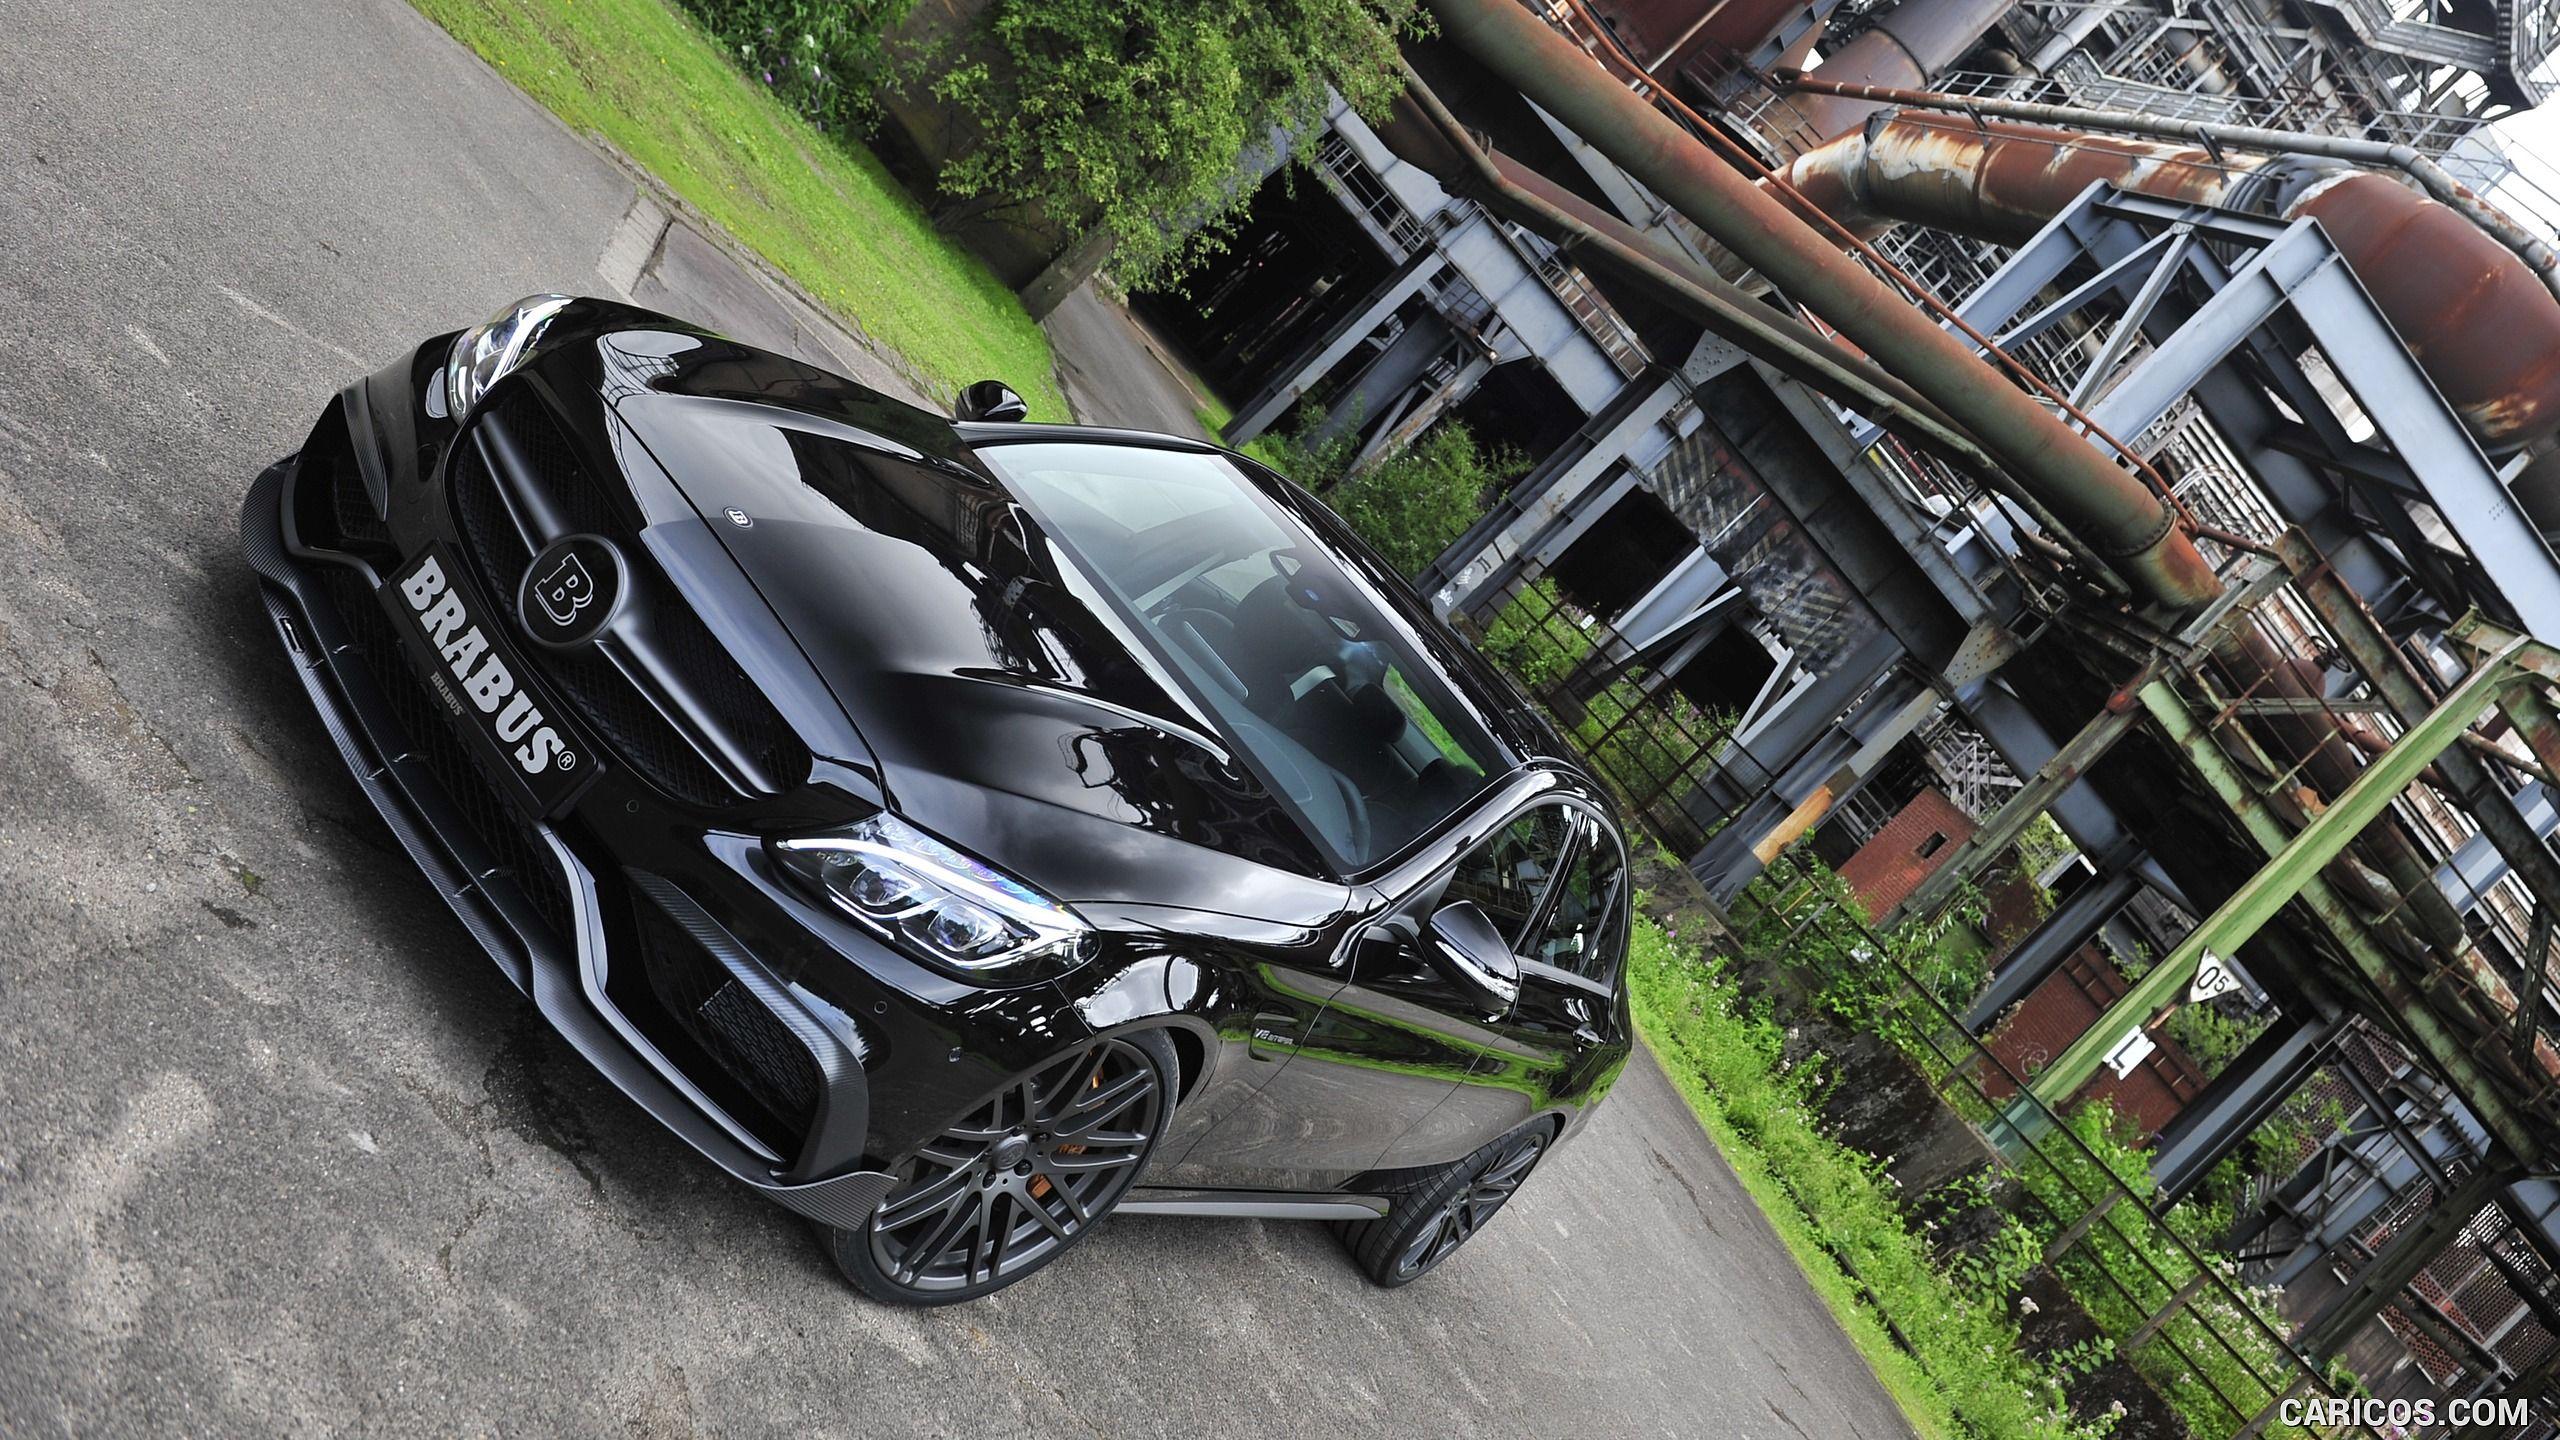 2015 BRABUS C600 based on Mercedes-AMG C63S Sedan Wallpaper